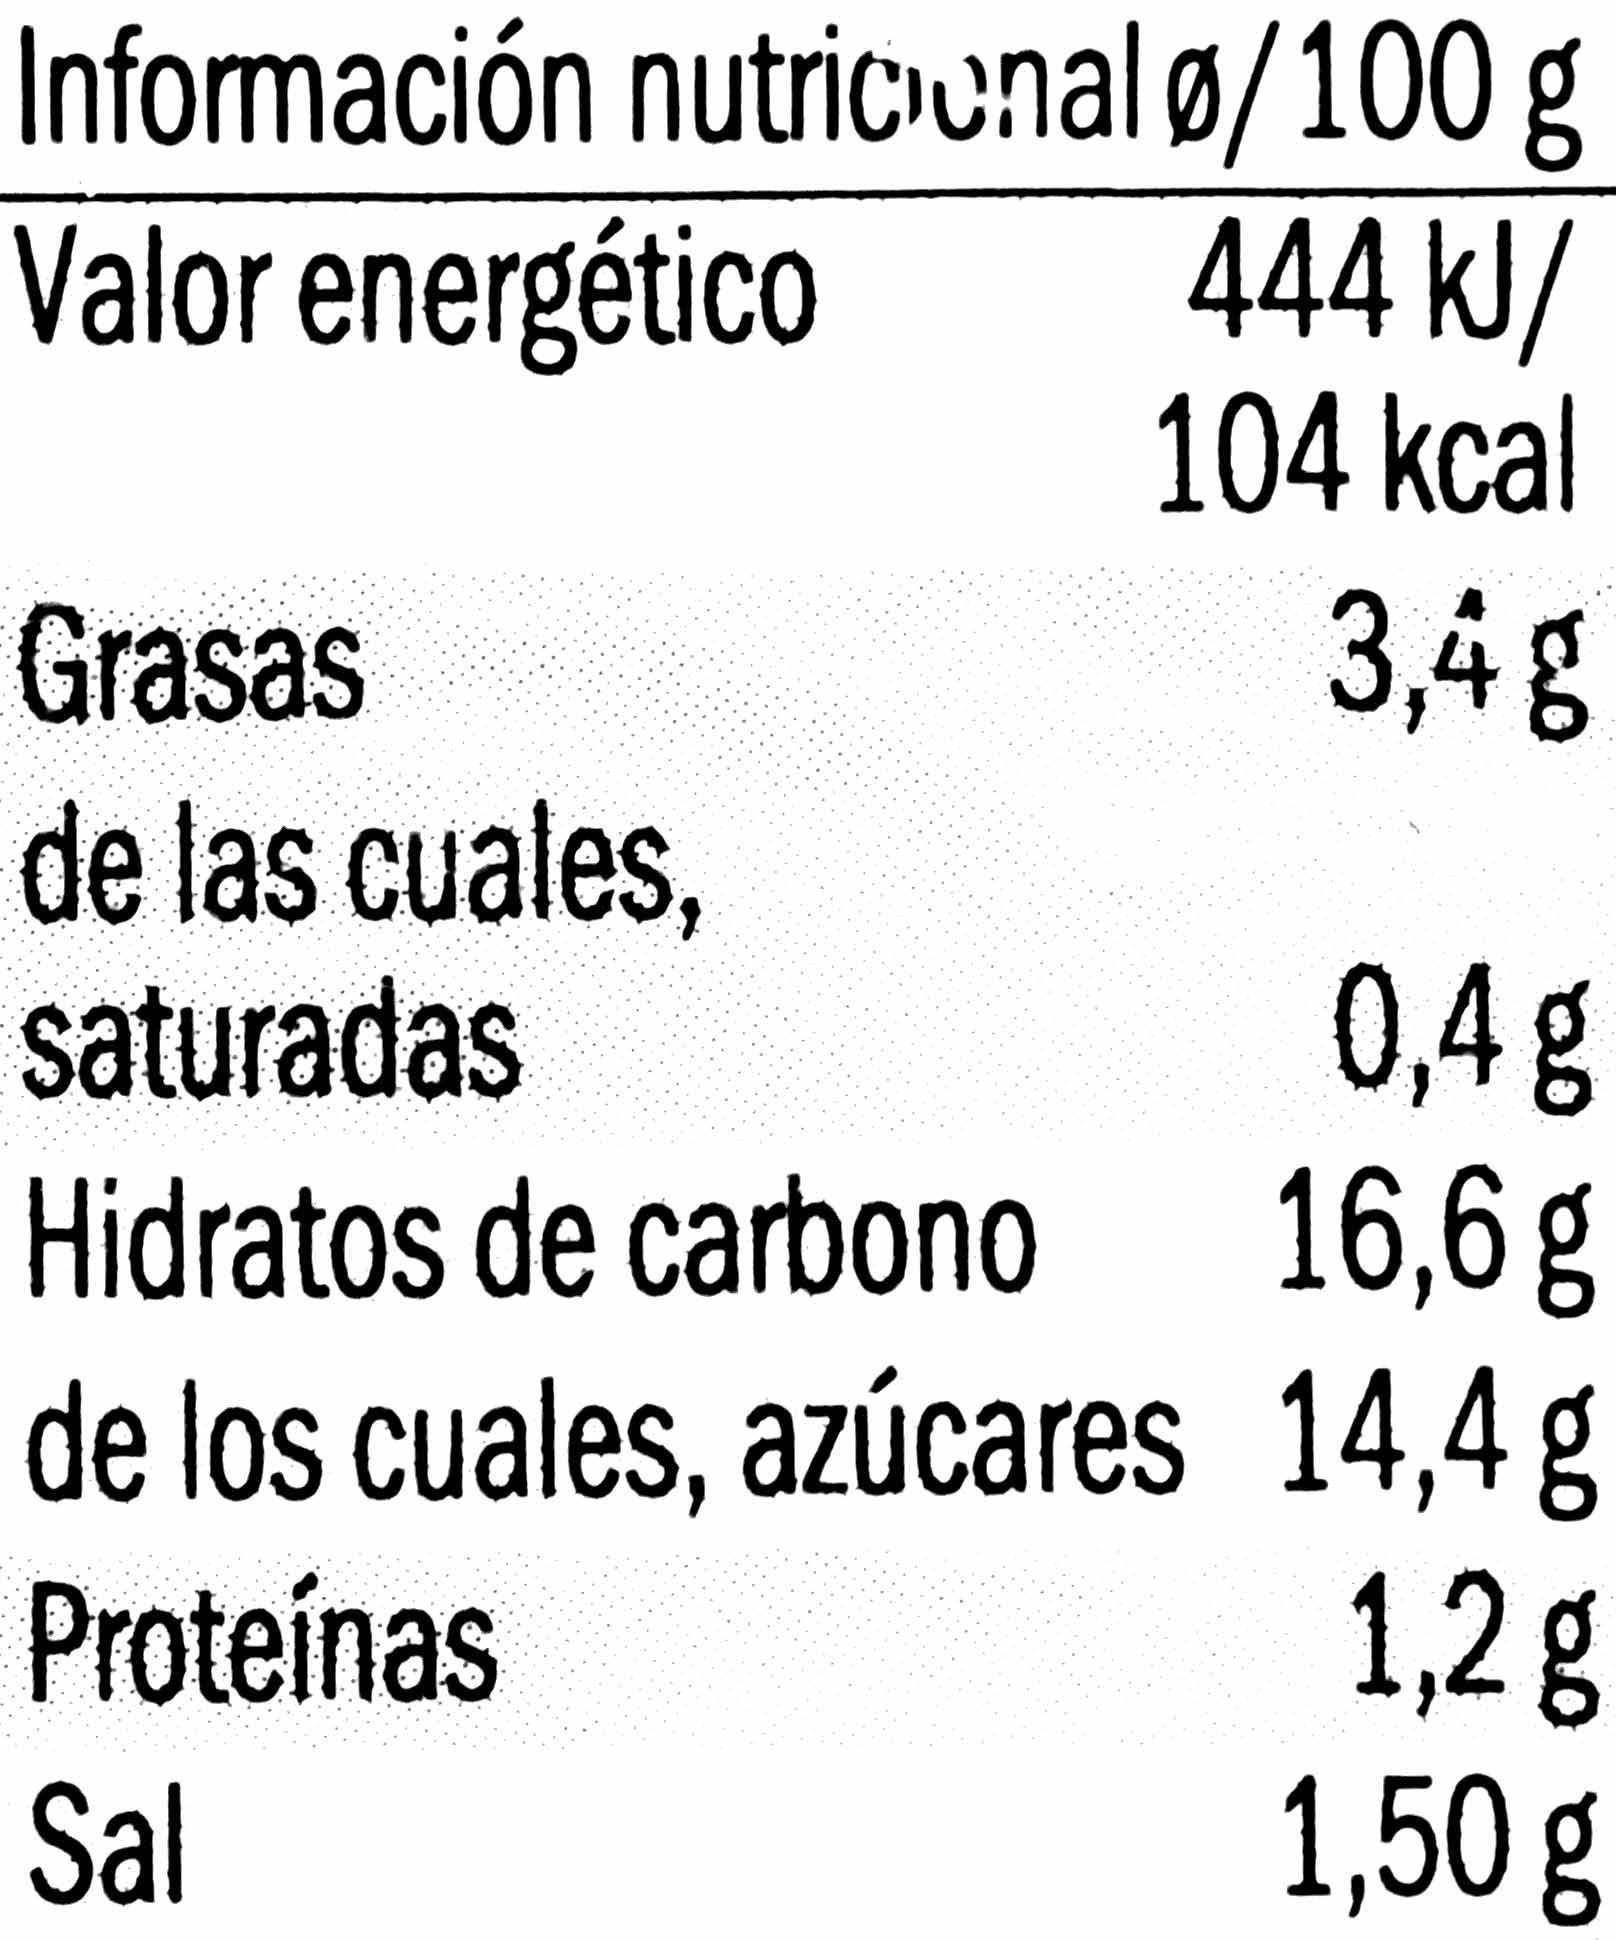 Boletus caramelizado - Informació nutricional